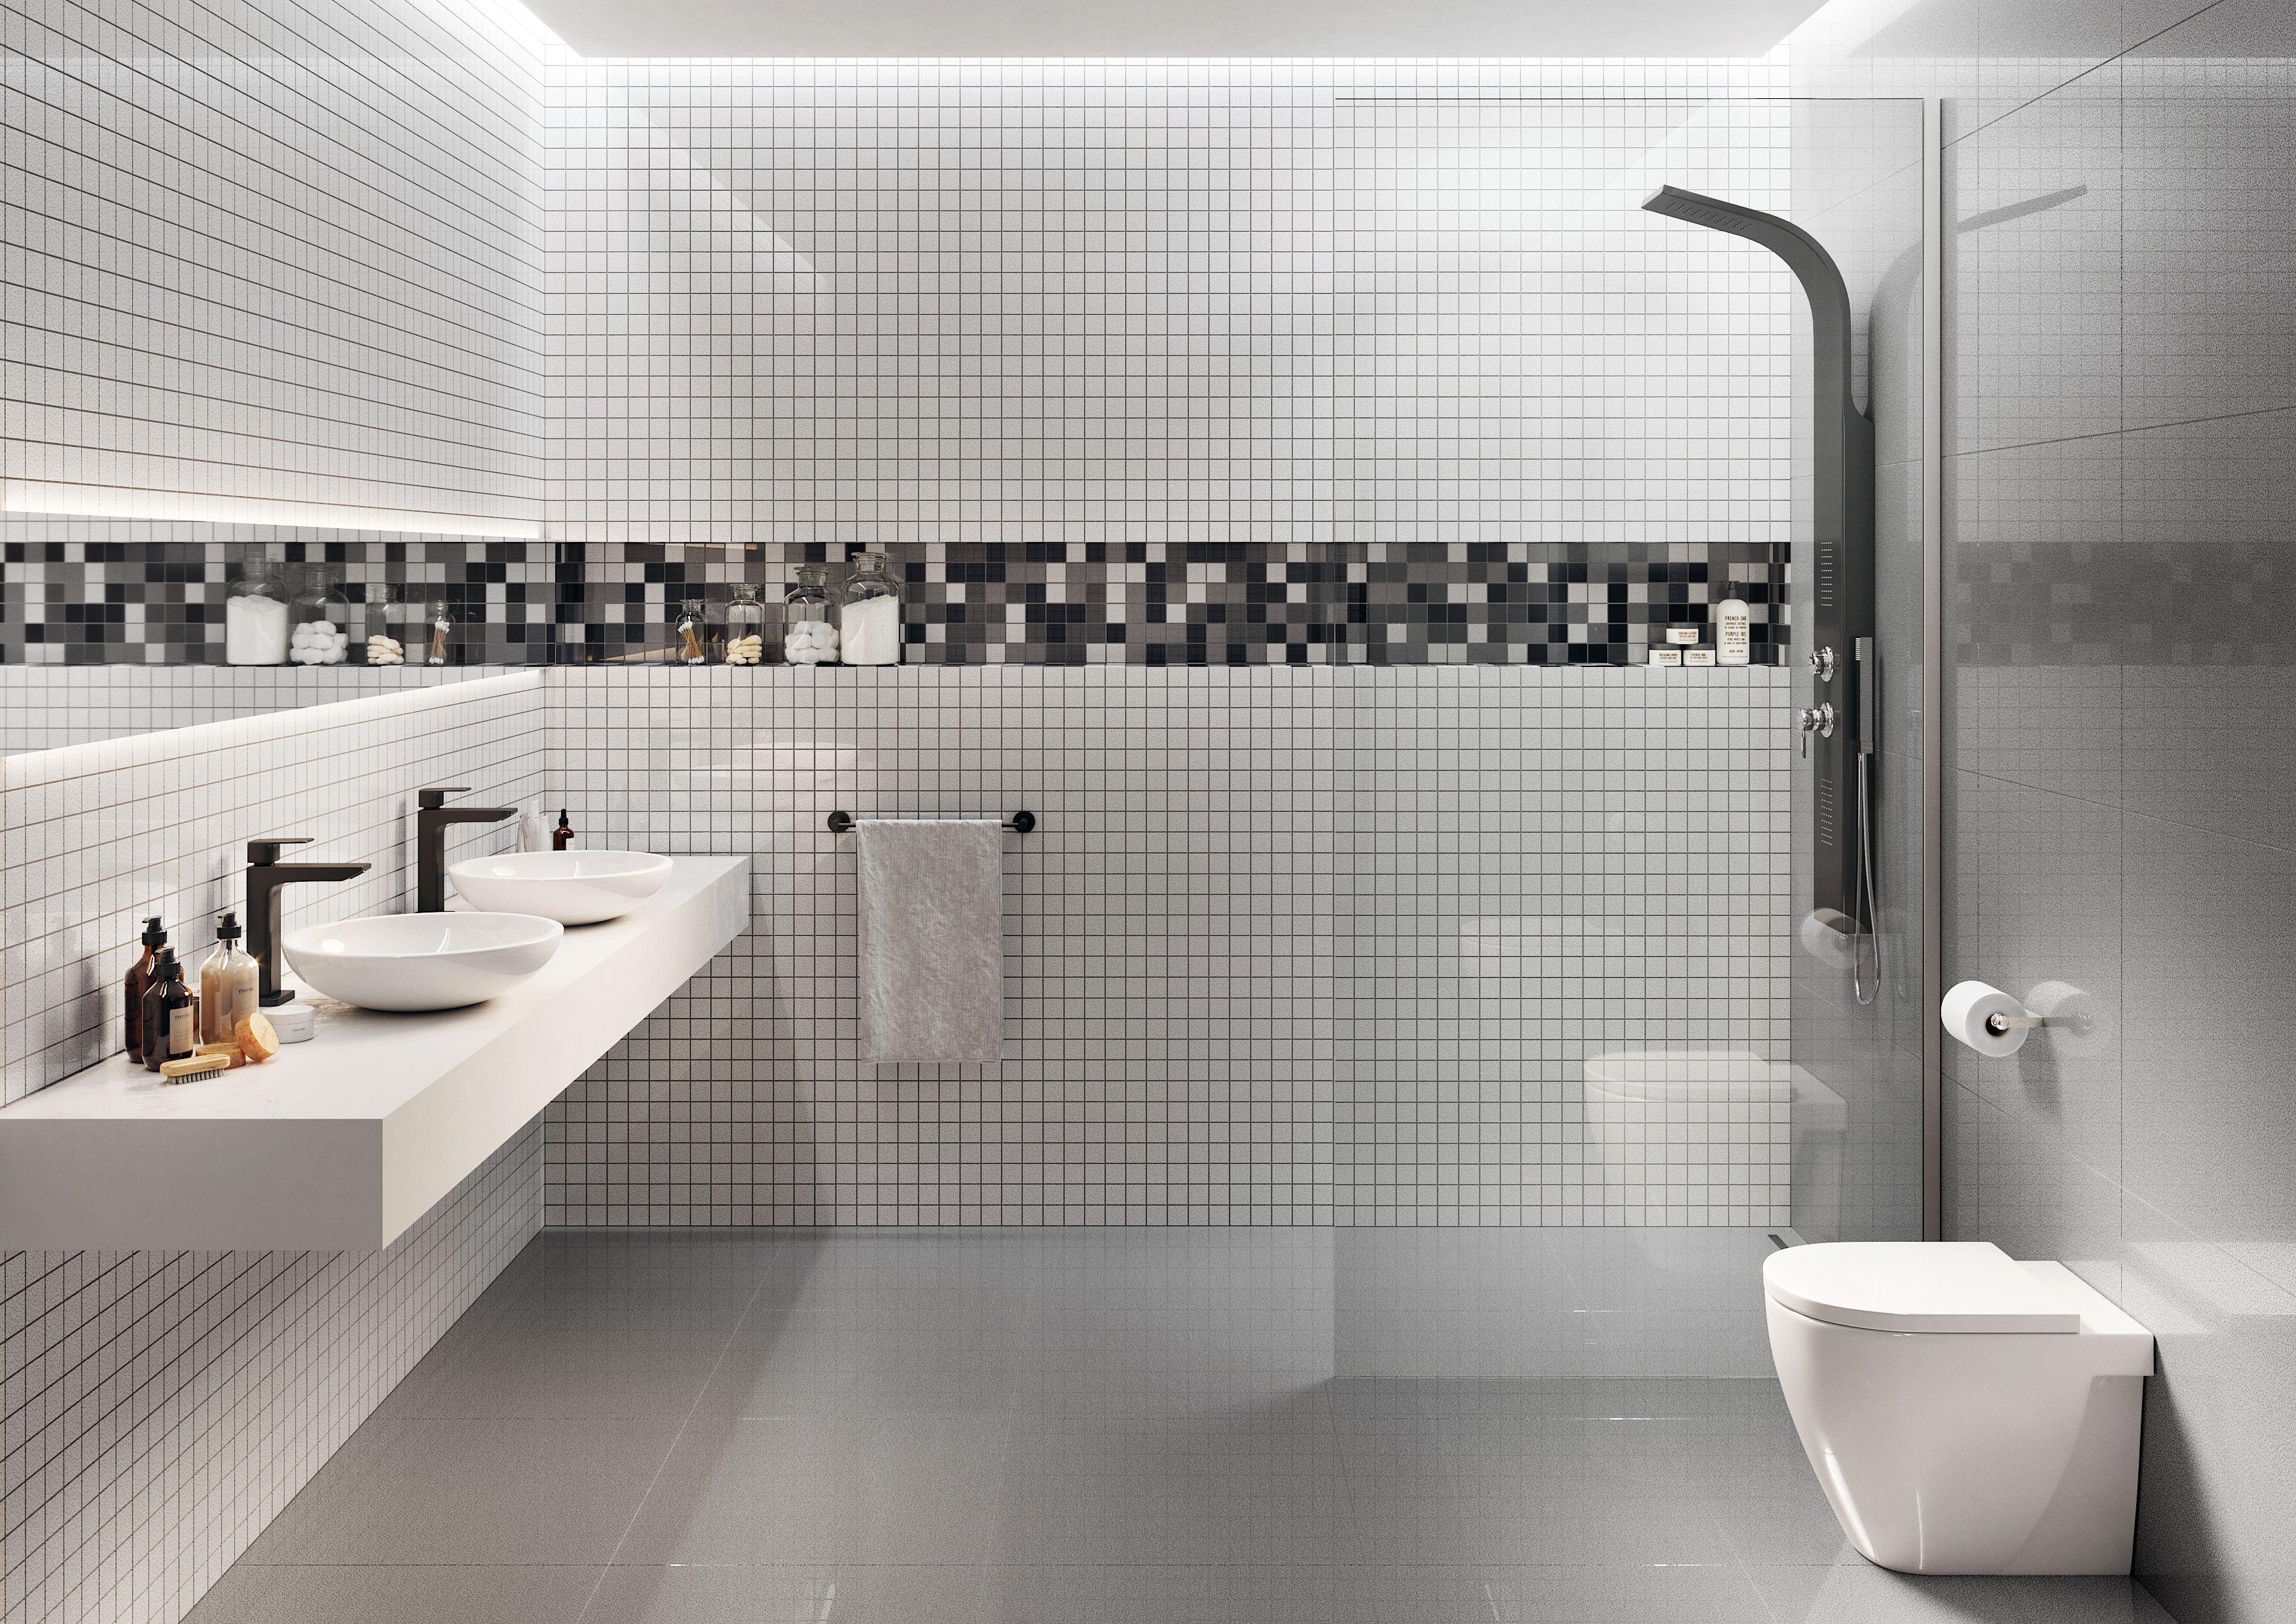 Dein Badezimmer Neu Gestalten Sichere Dir Jetzt Schone Badezimmer Ideen Badezimmerfliese Bade Badezimmer Neu Gestalten Bad Neu Gestalten Schone Badezimmer